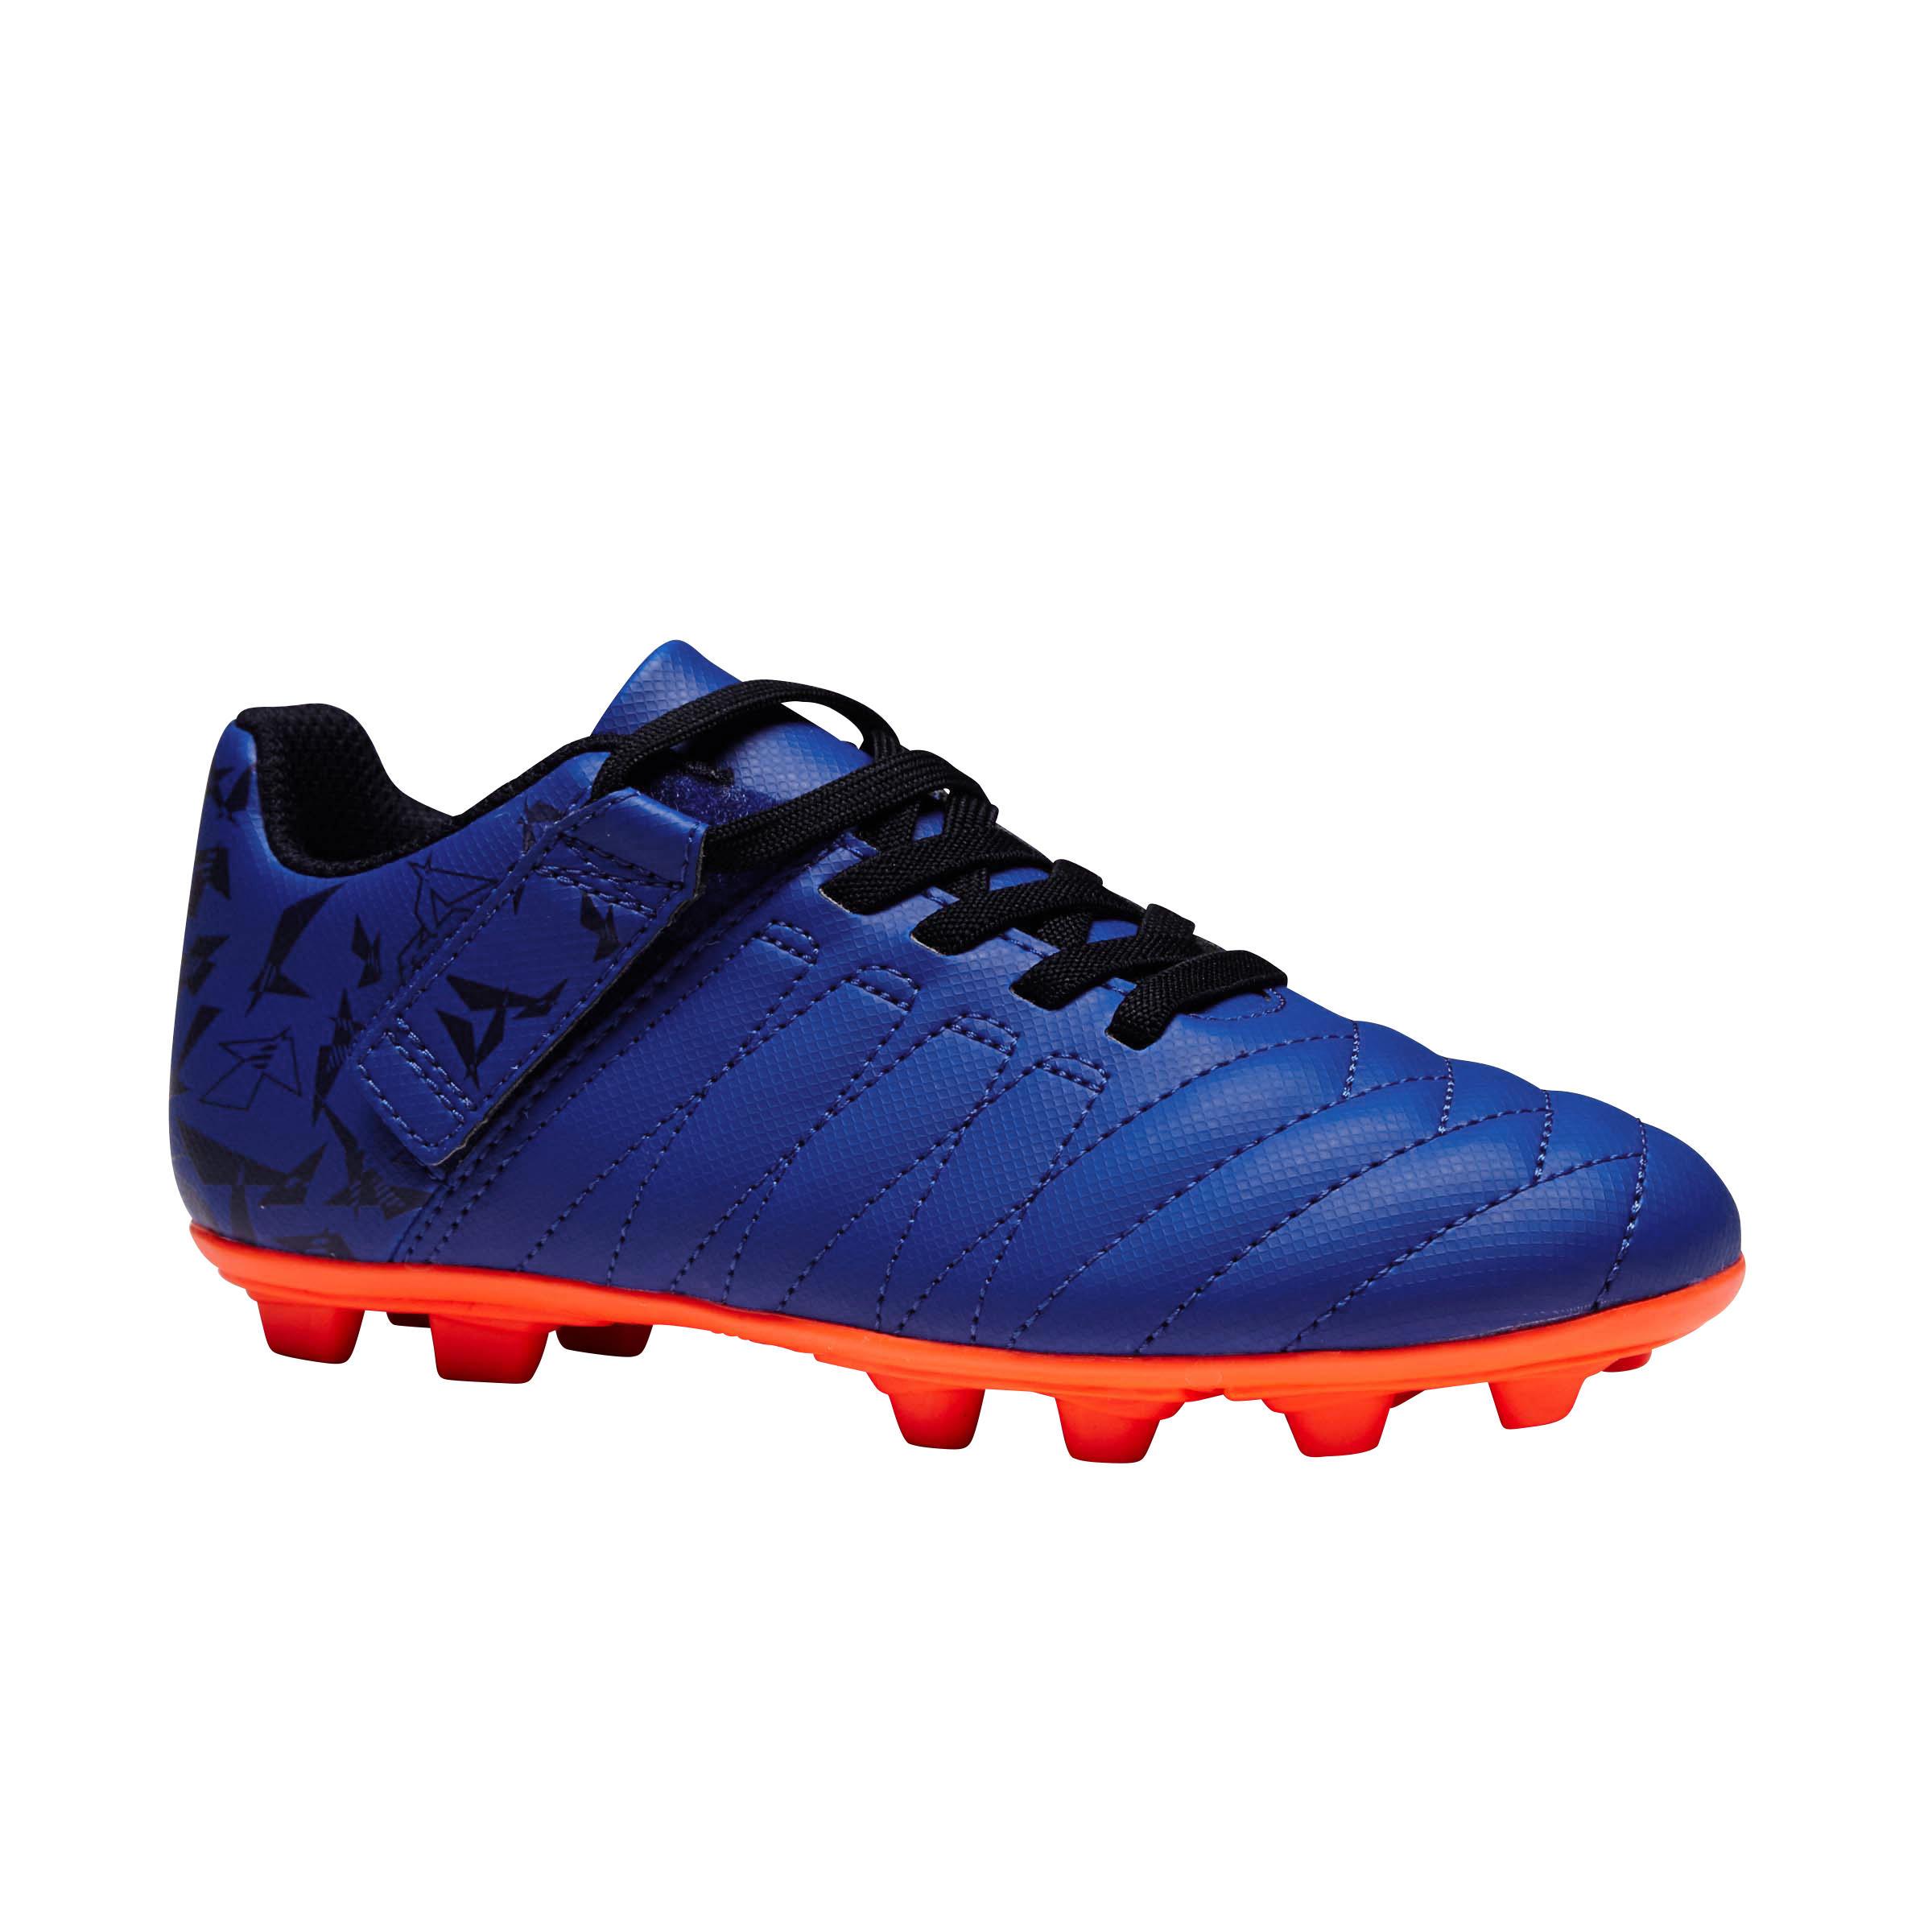 9eeff74ad9972 Comprar Botas de Fútbol niños online